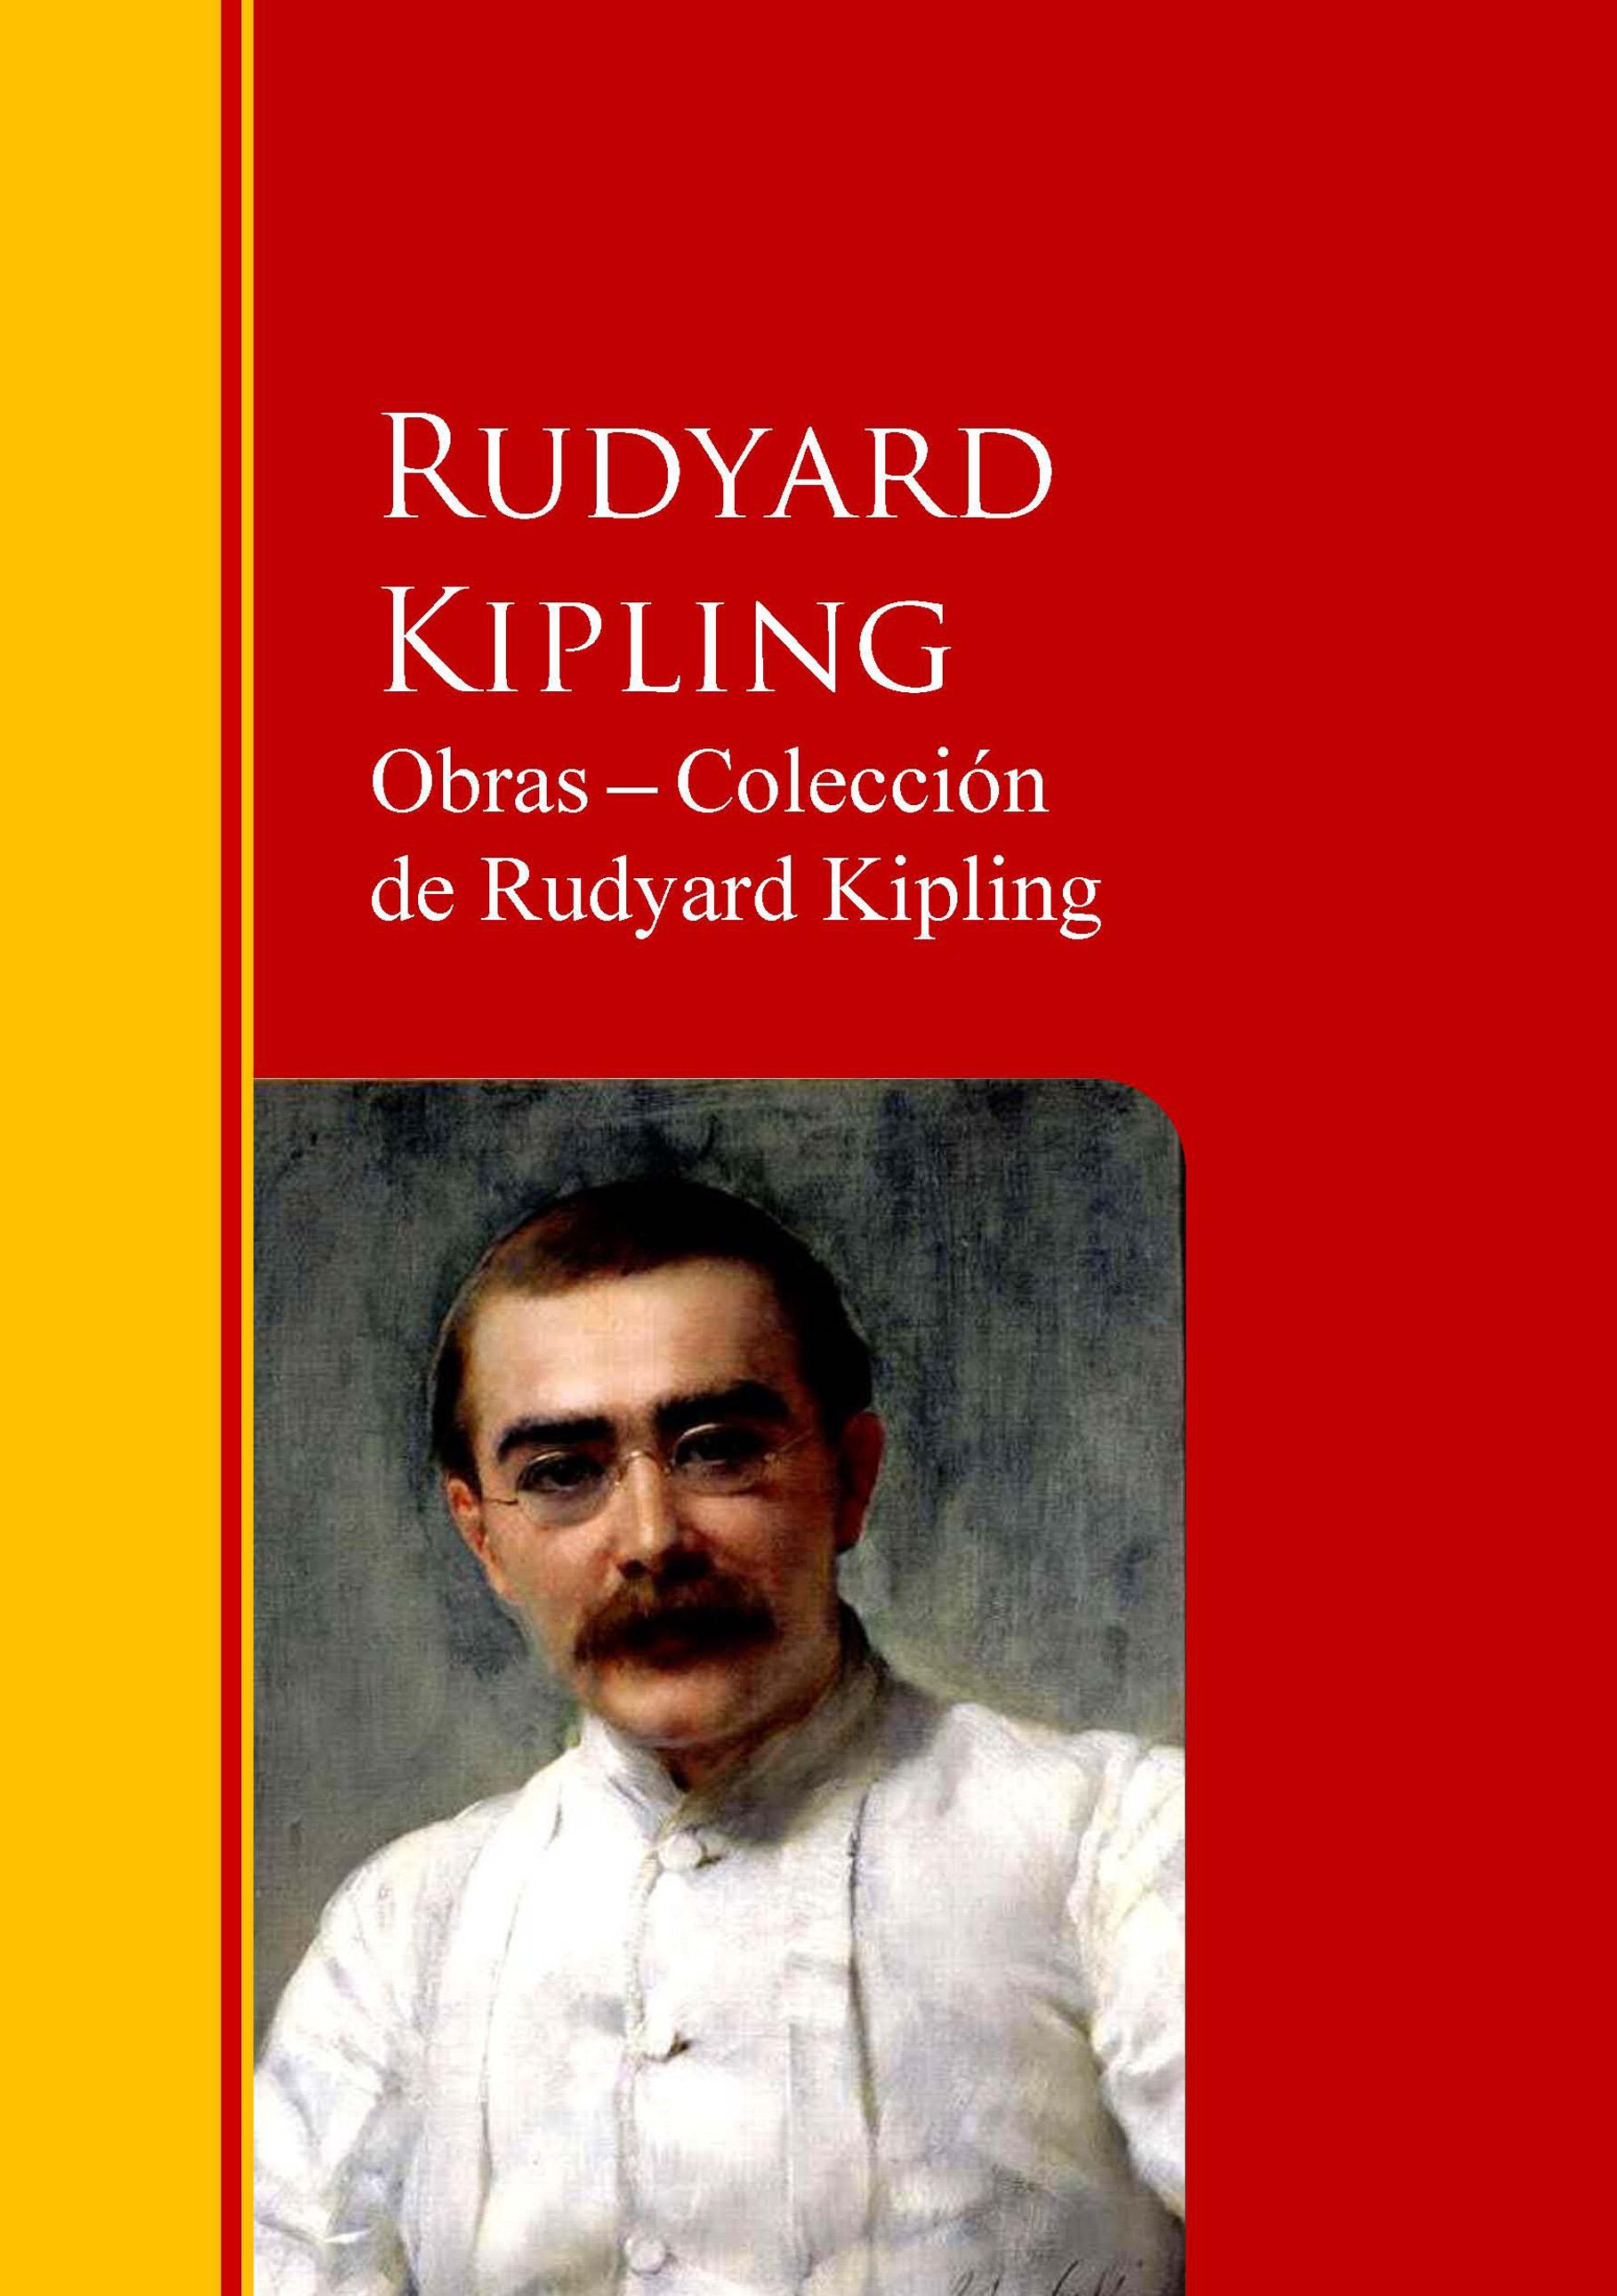 obras coleccion de rudyard kipling